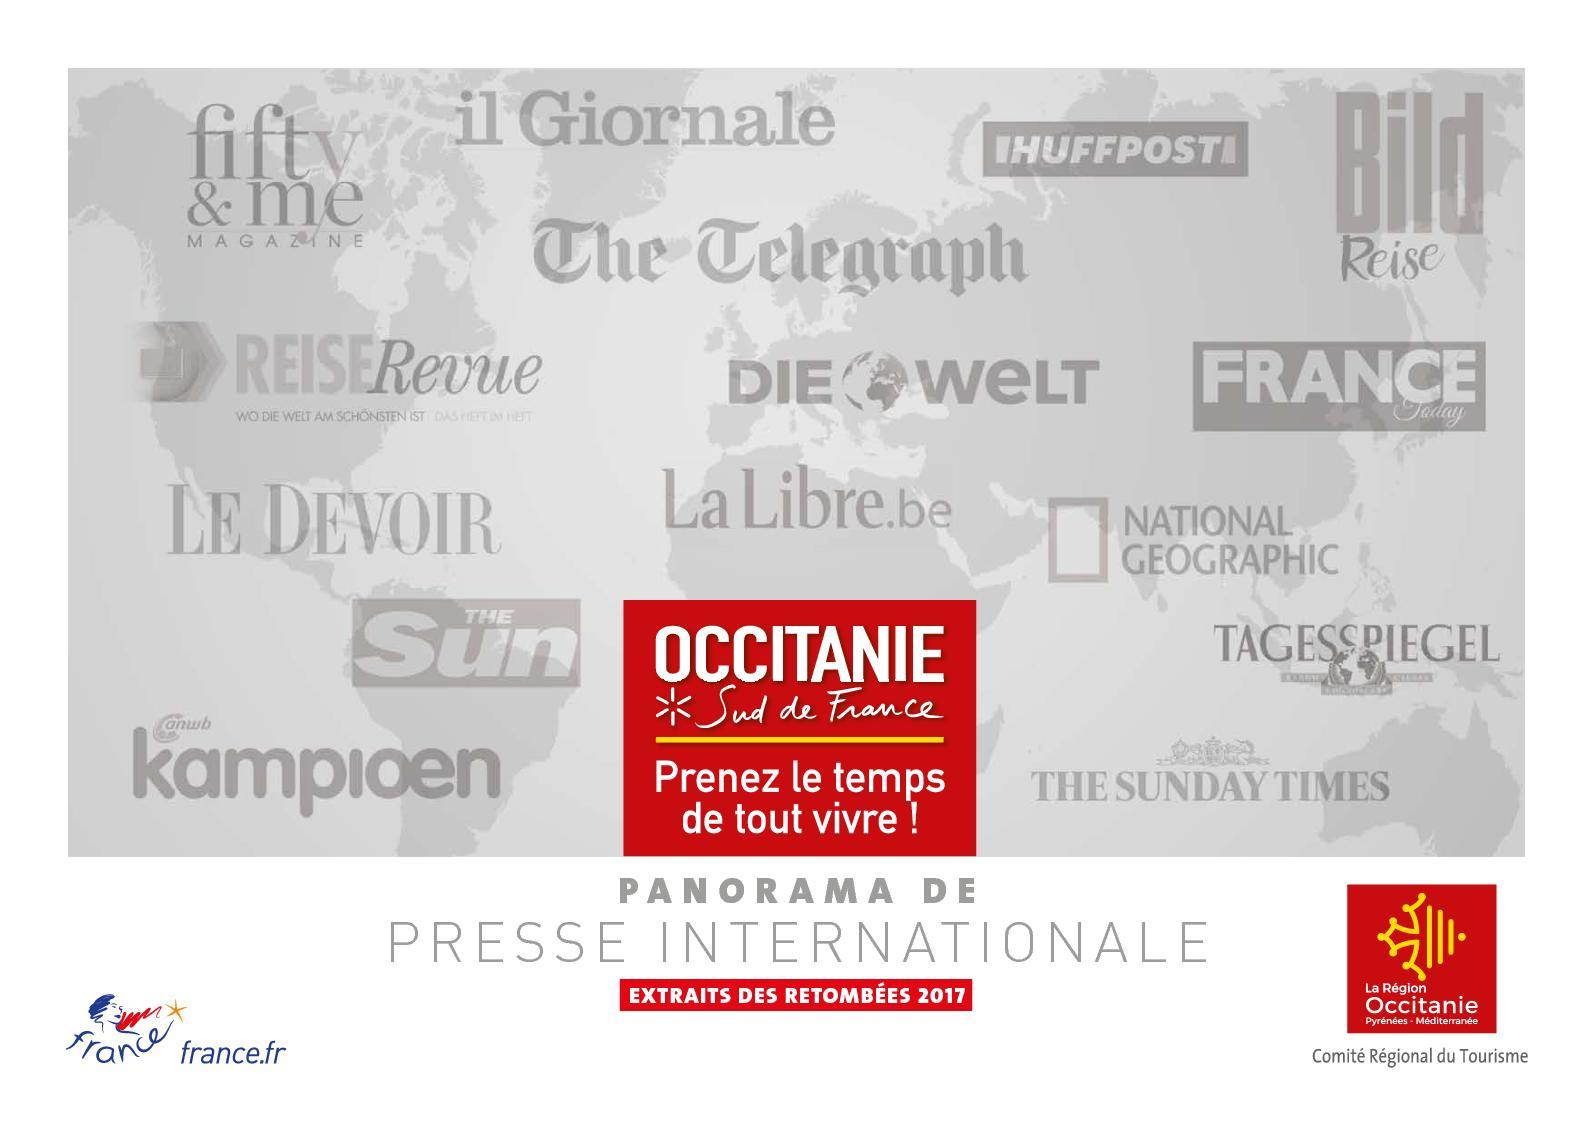 Le Jardin D été Carcassonne Luxe Calaméo Revus De Presse Occitanie 2017